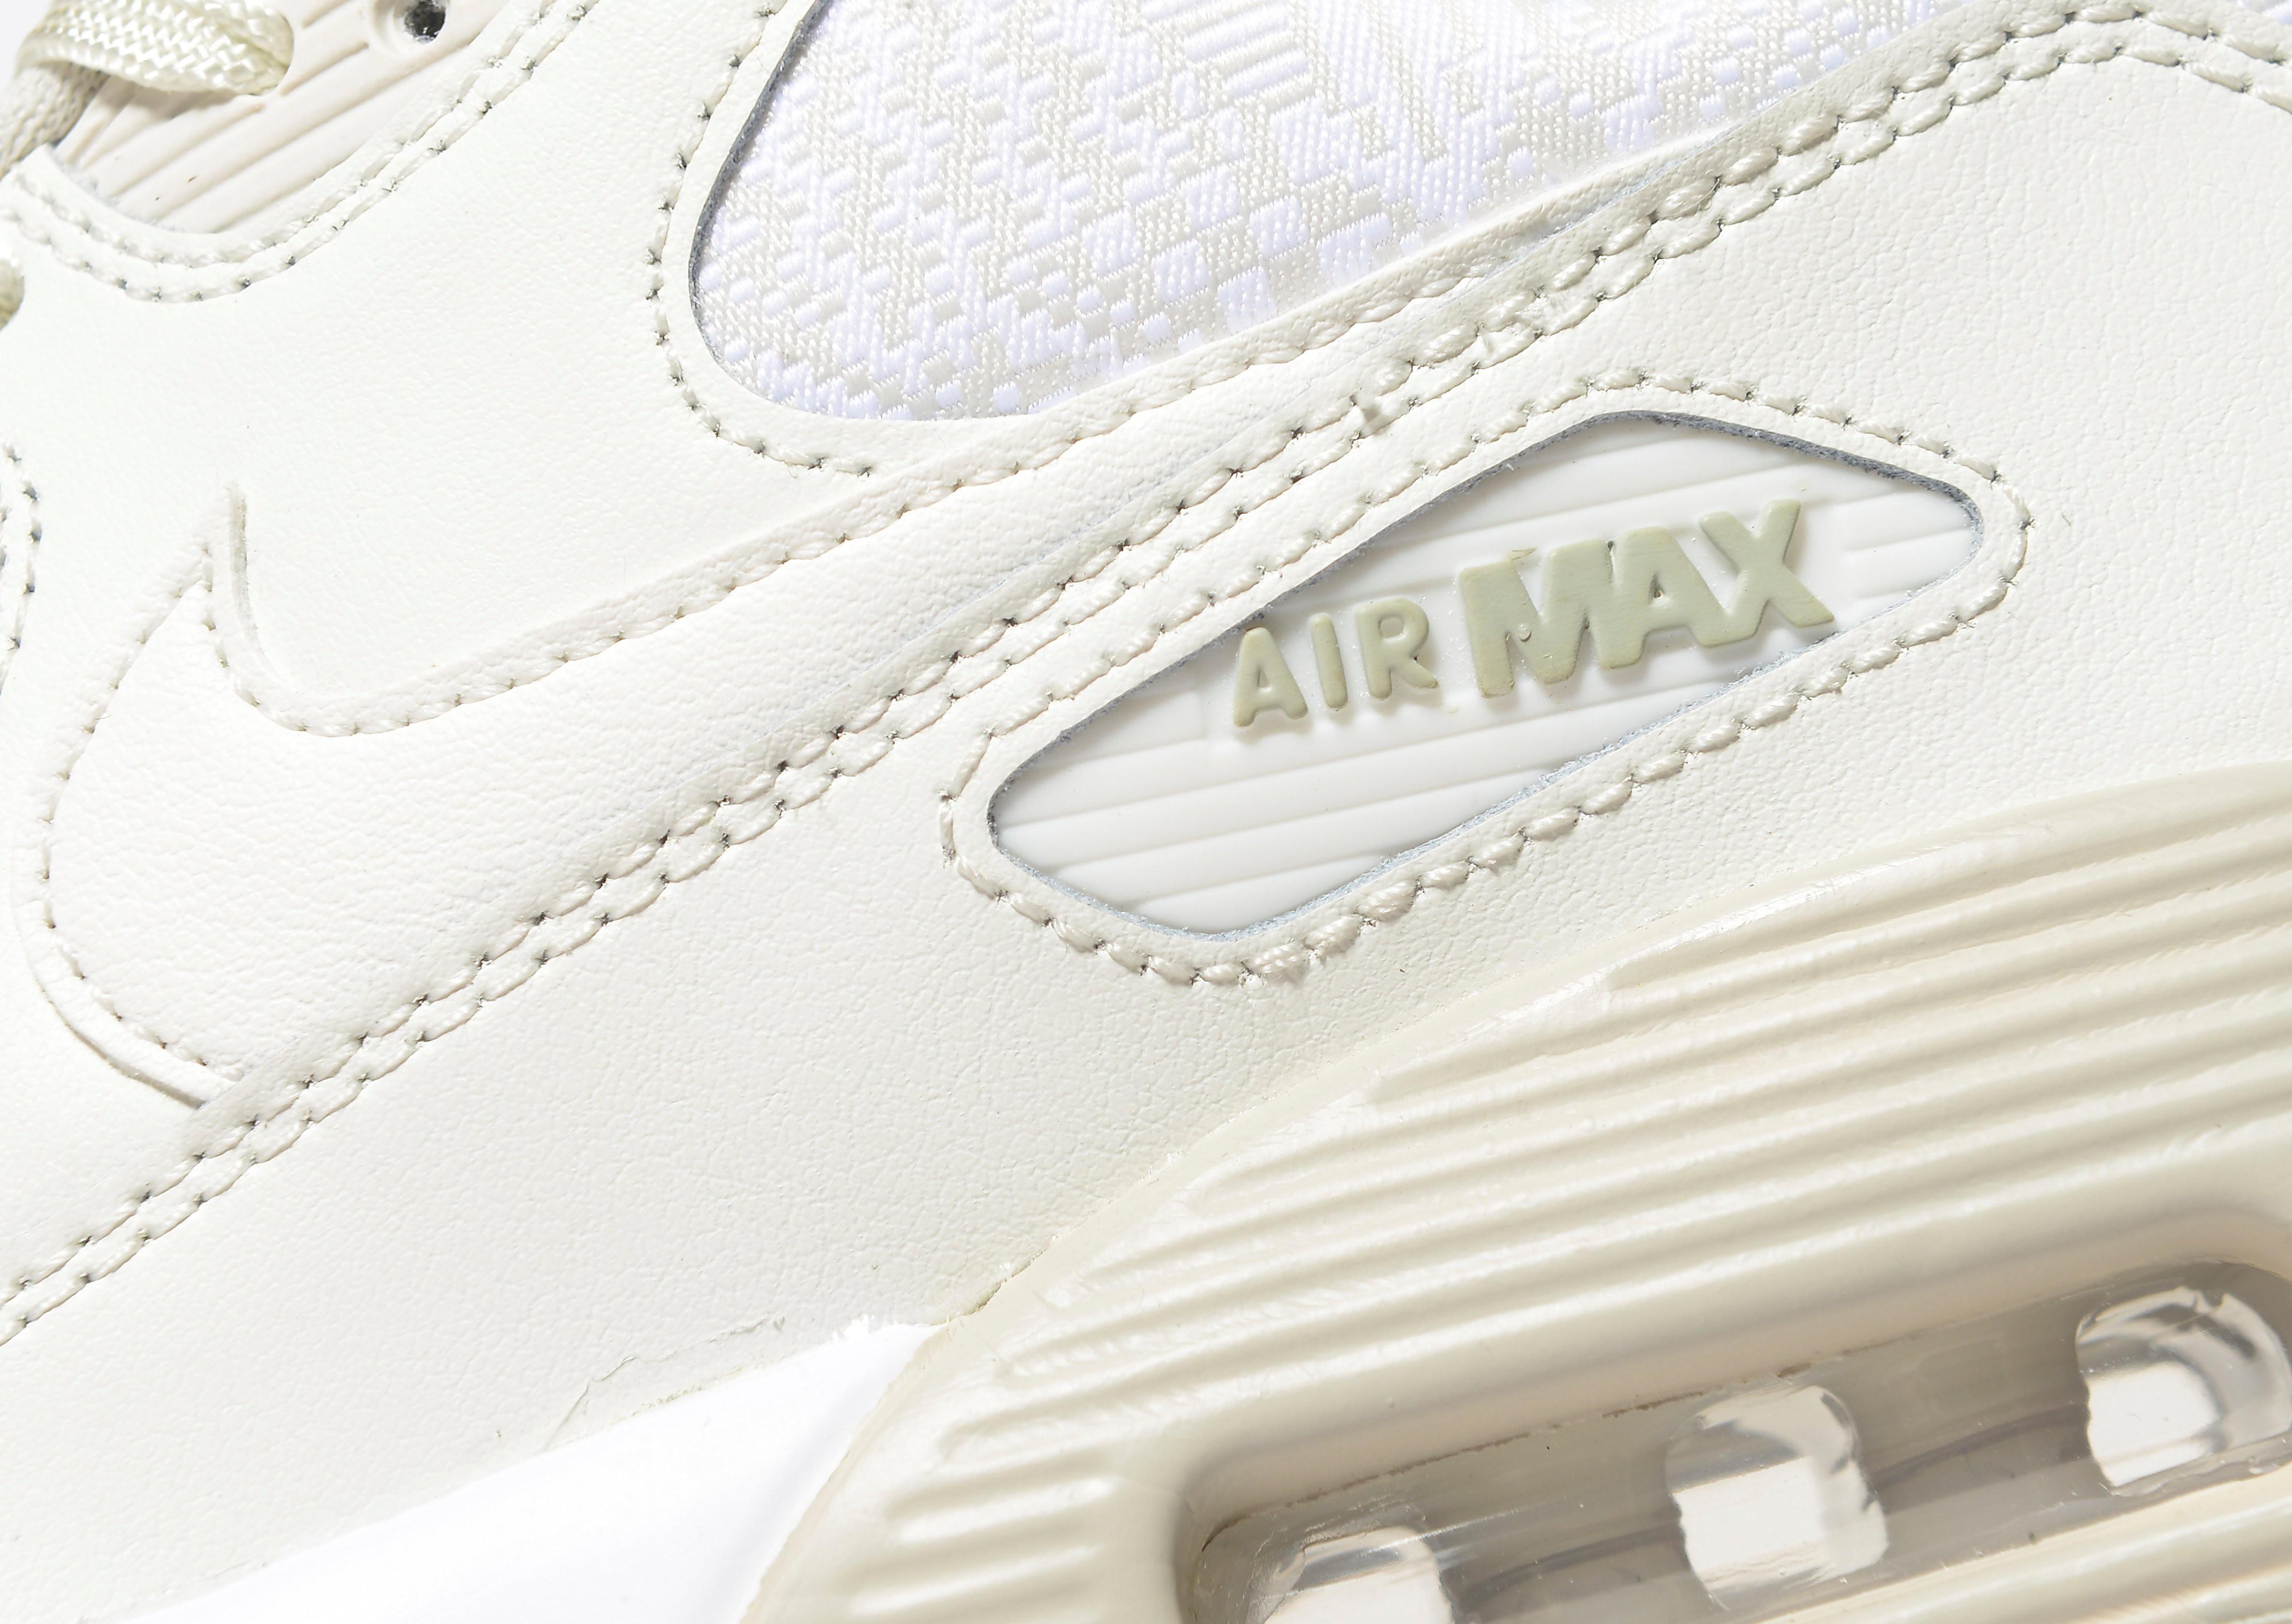 Nike Air Max 90 Jacquard ragazzo